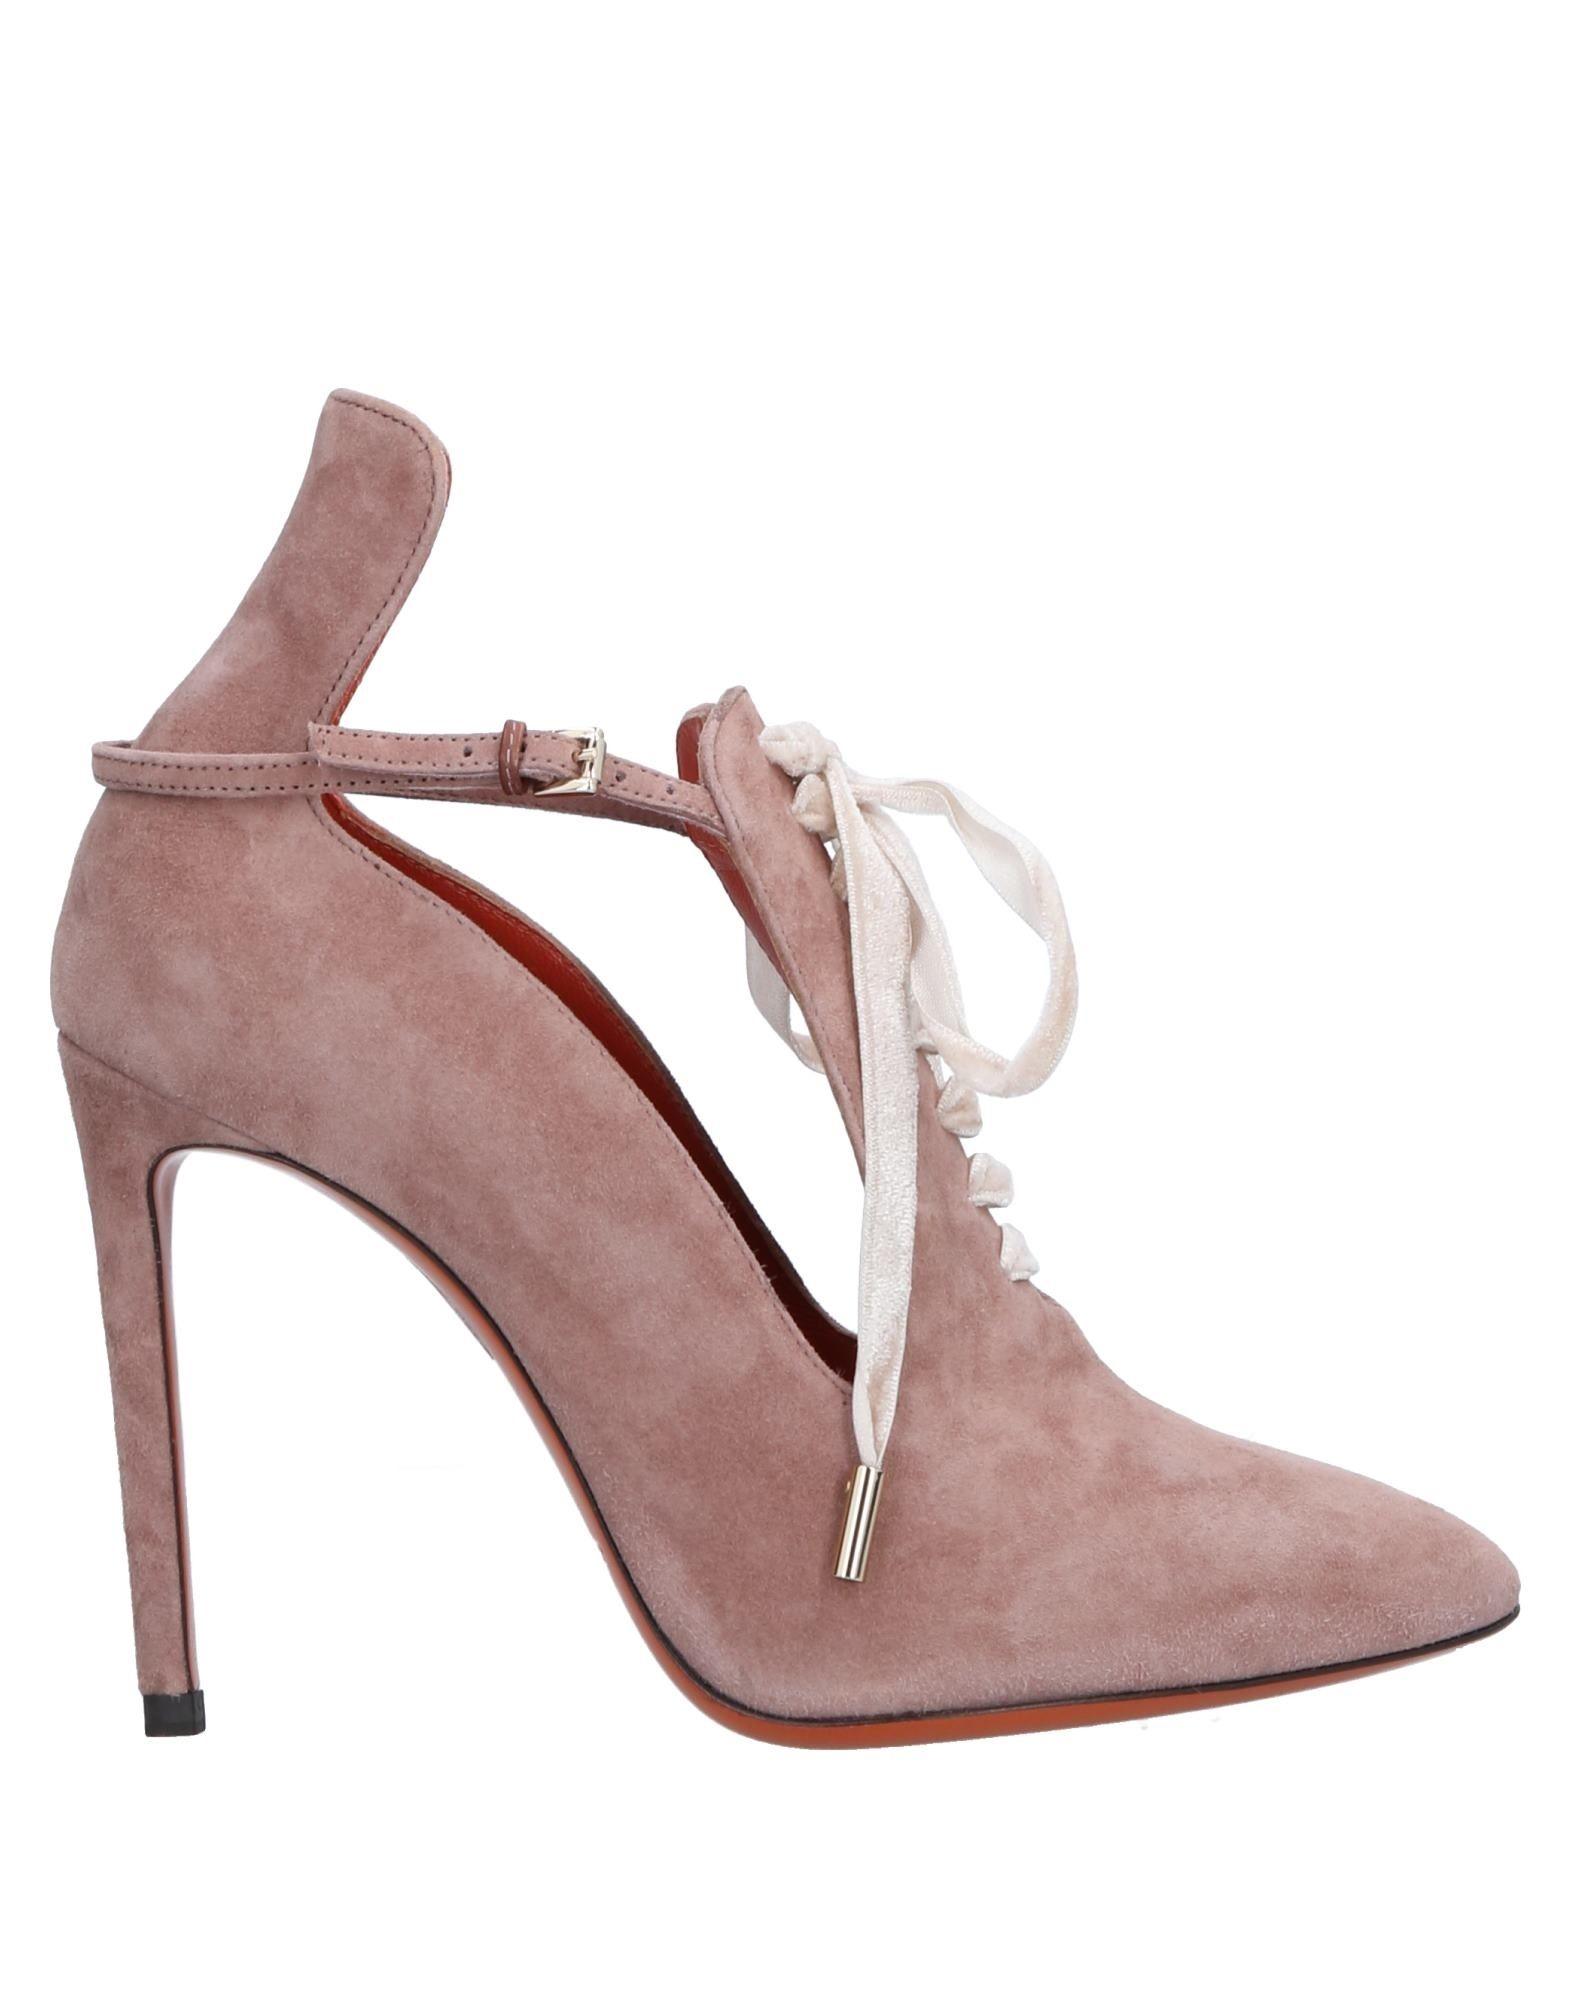 Santoni Stiefelette Damen  11543936GUGünstige gut aussehende Schuhe